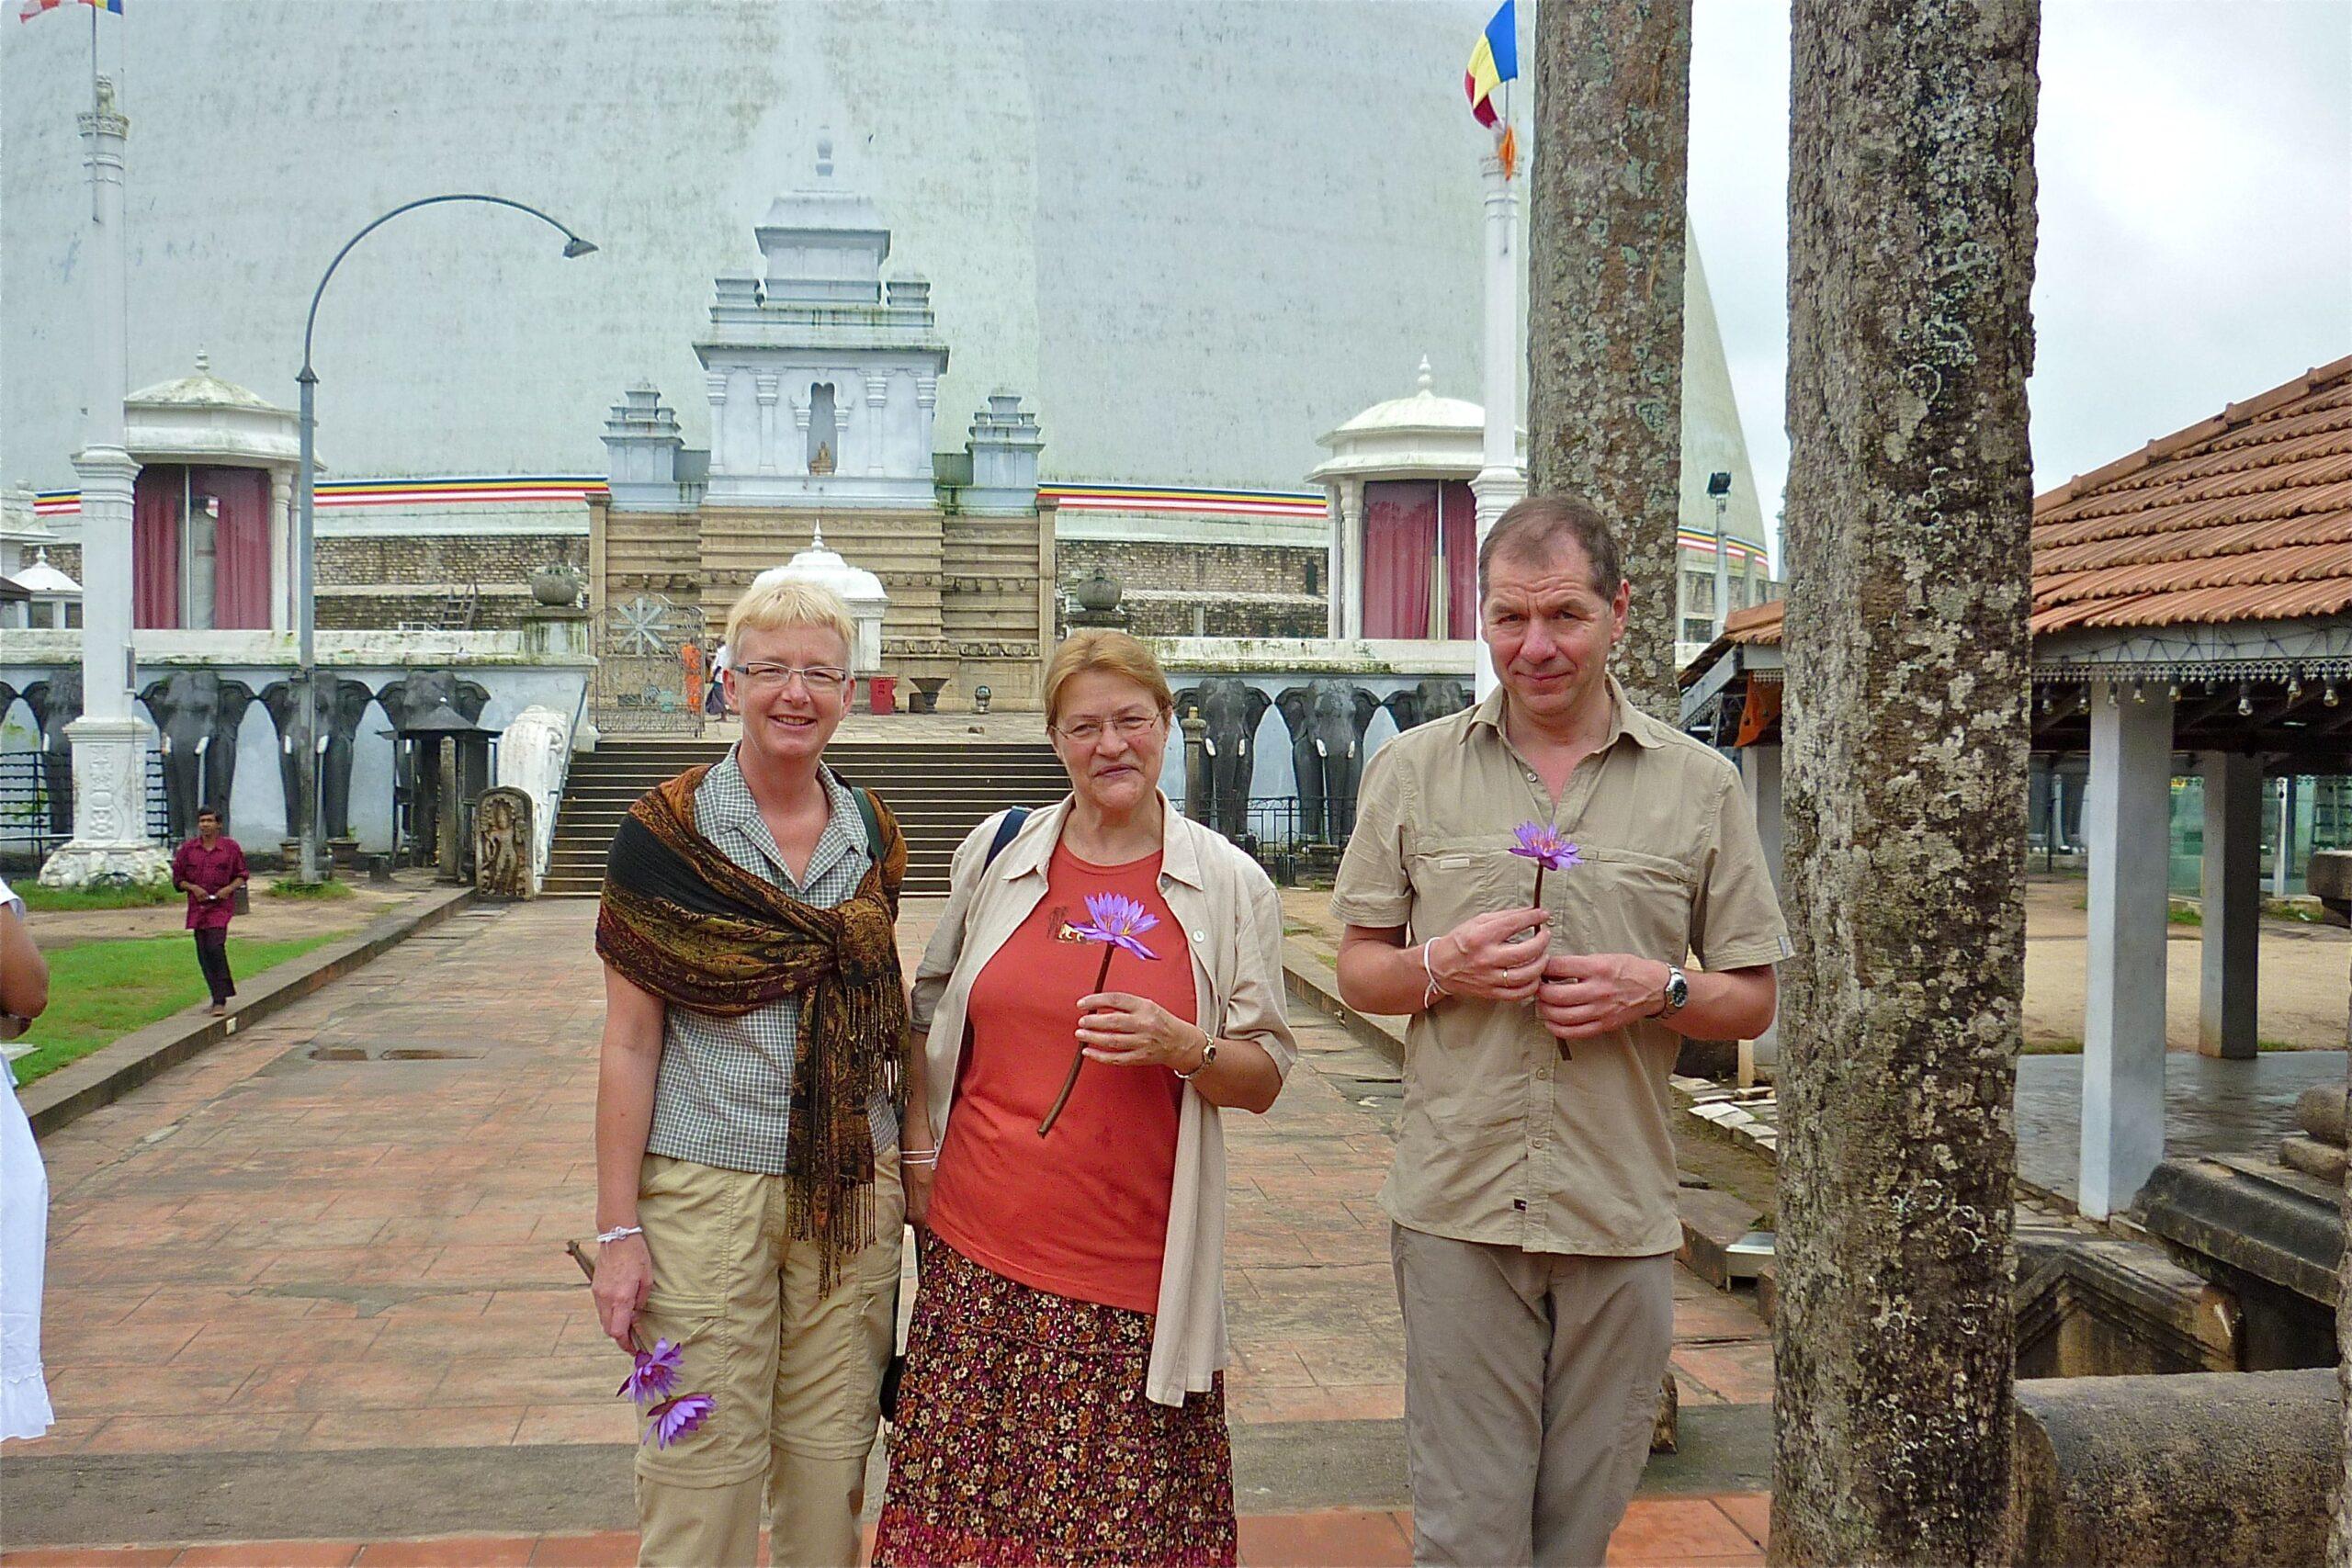 Mit Lilli Erett erkunden wir erstmals Anuradhapura, die heilige Stadt mit dem heiligen Jaya Sri Maha Bodhi-Baum.